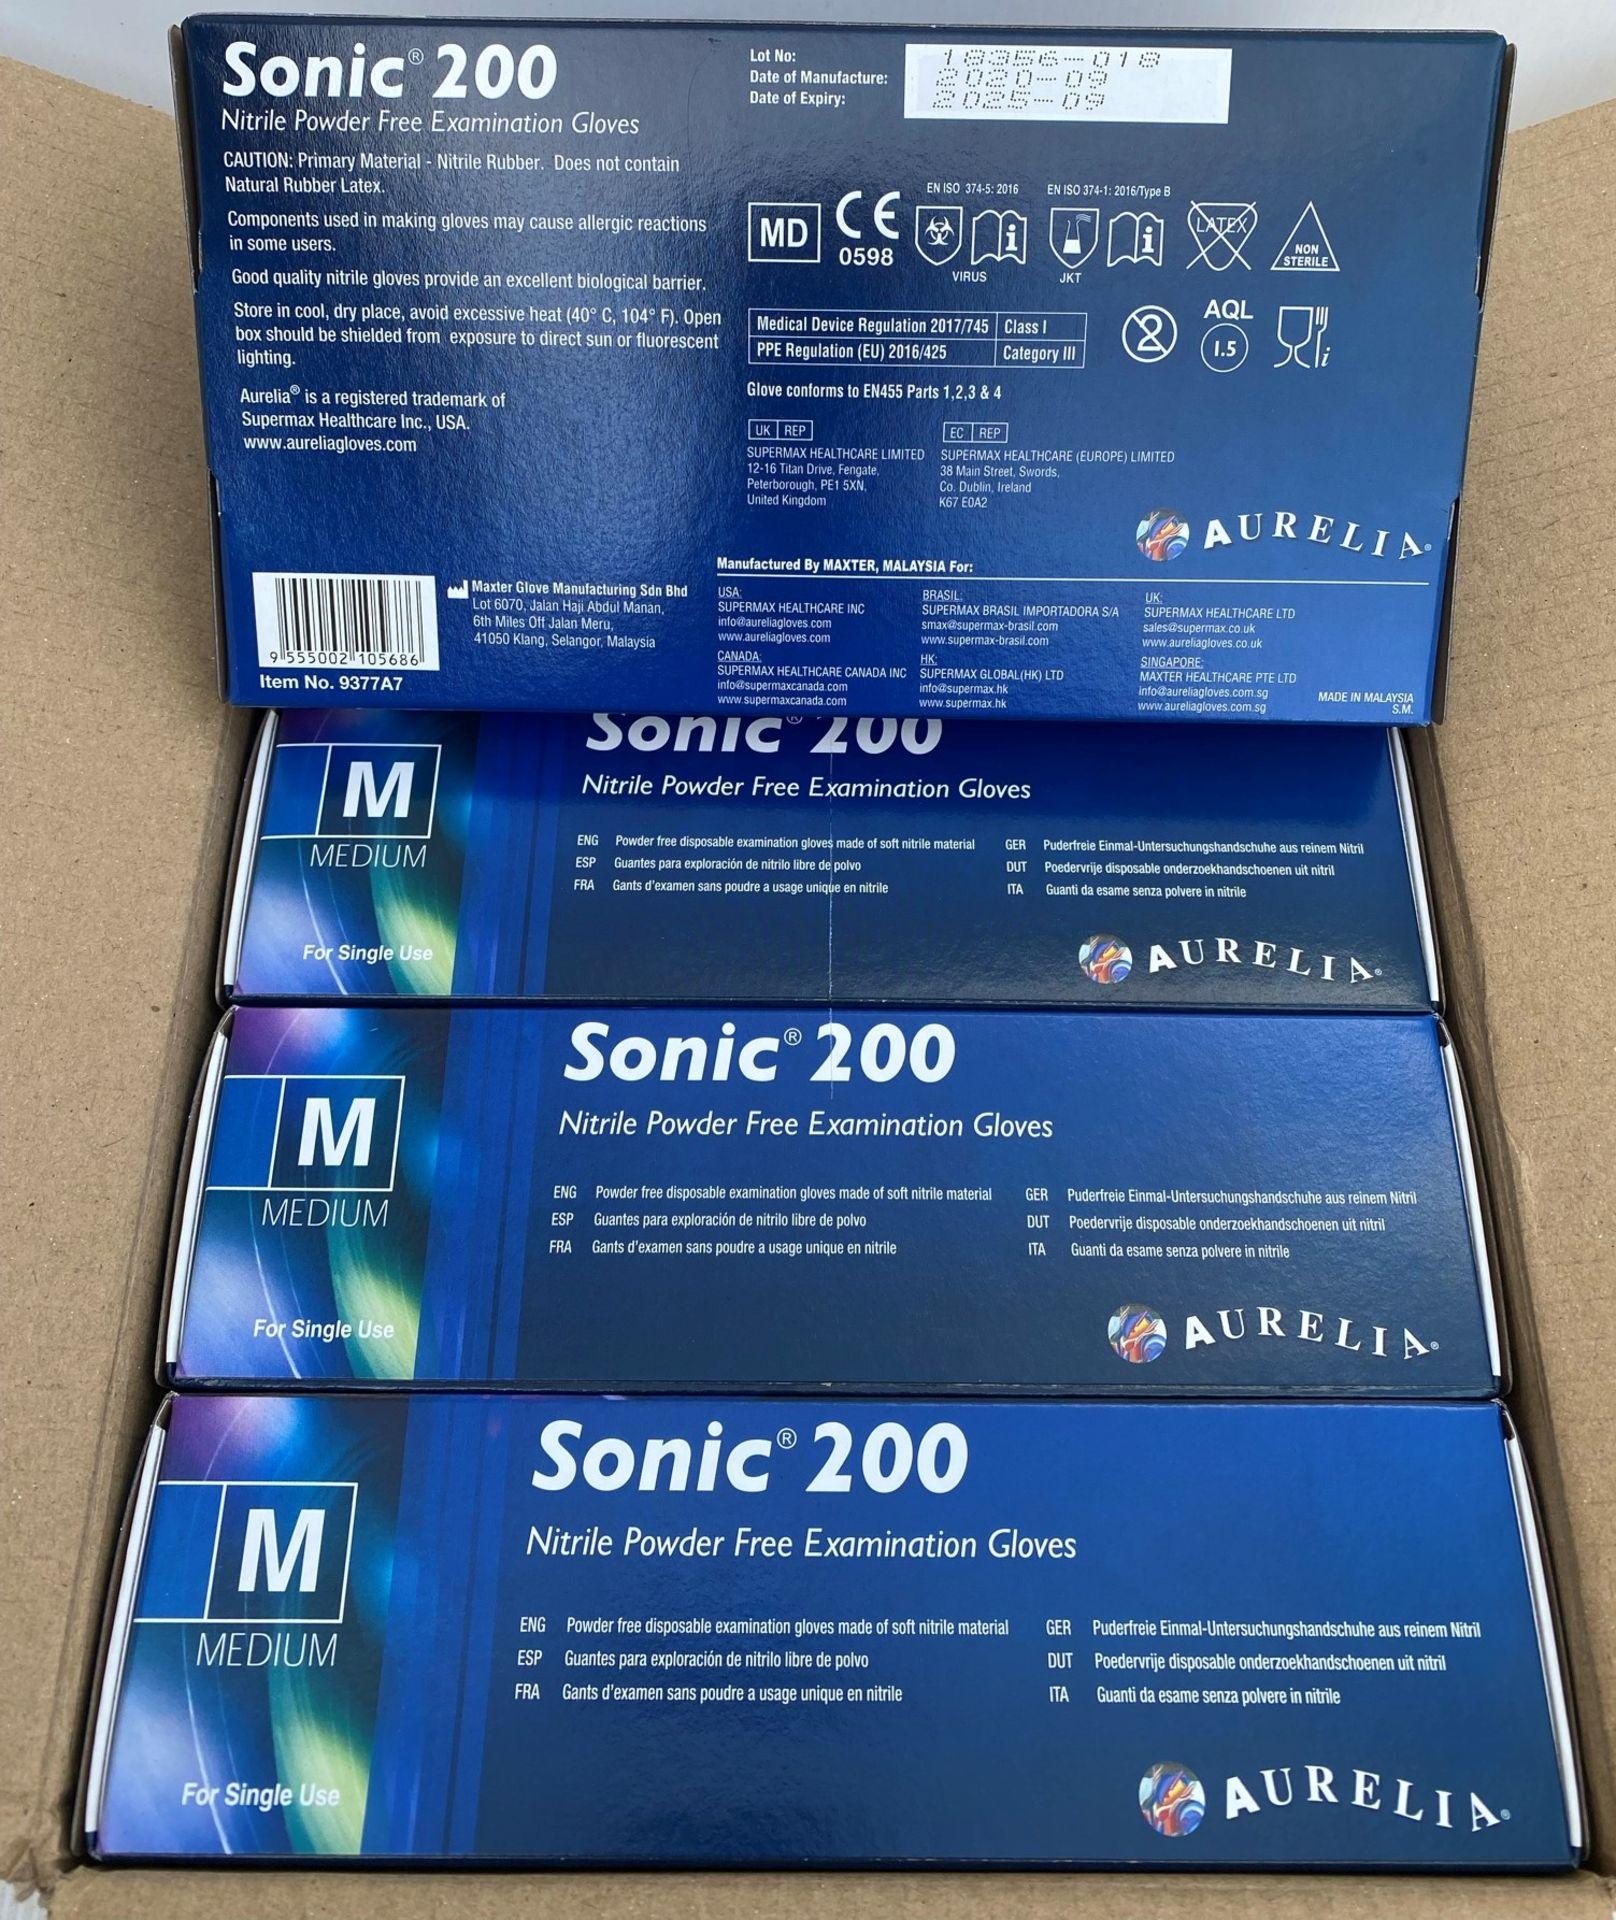 10 x boxes of 200 x Aurelia Sonic 200 Nitrile Powder Free Examination Gloves - Size Medium - Expiry - Image 2 of 2